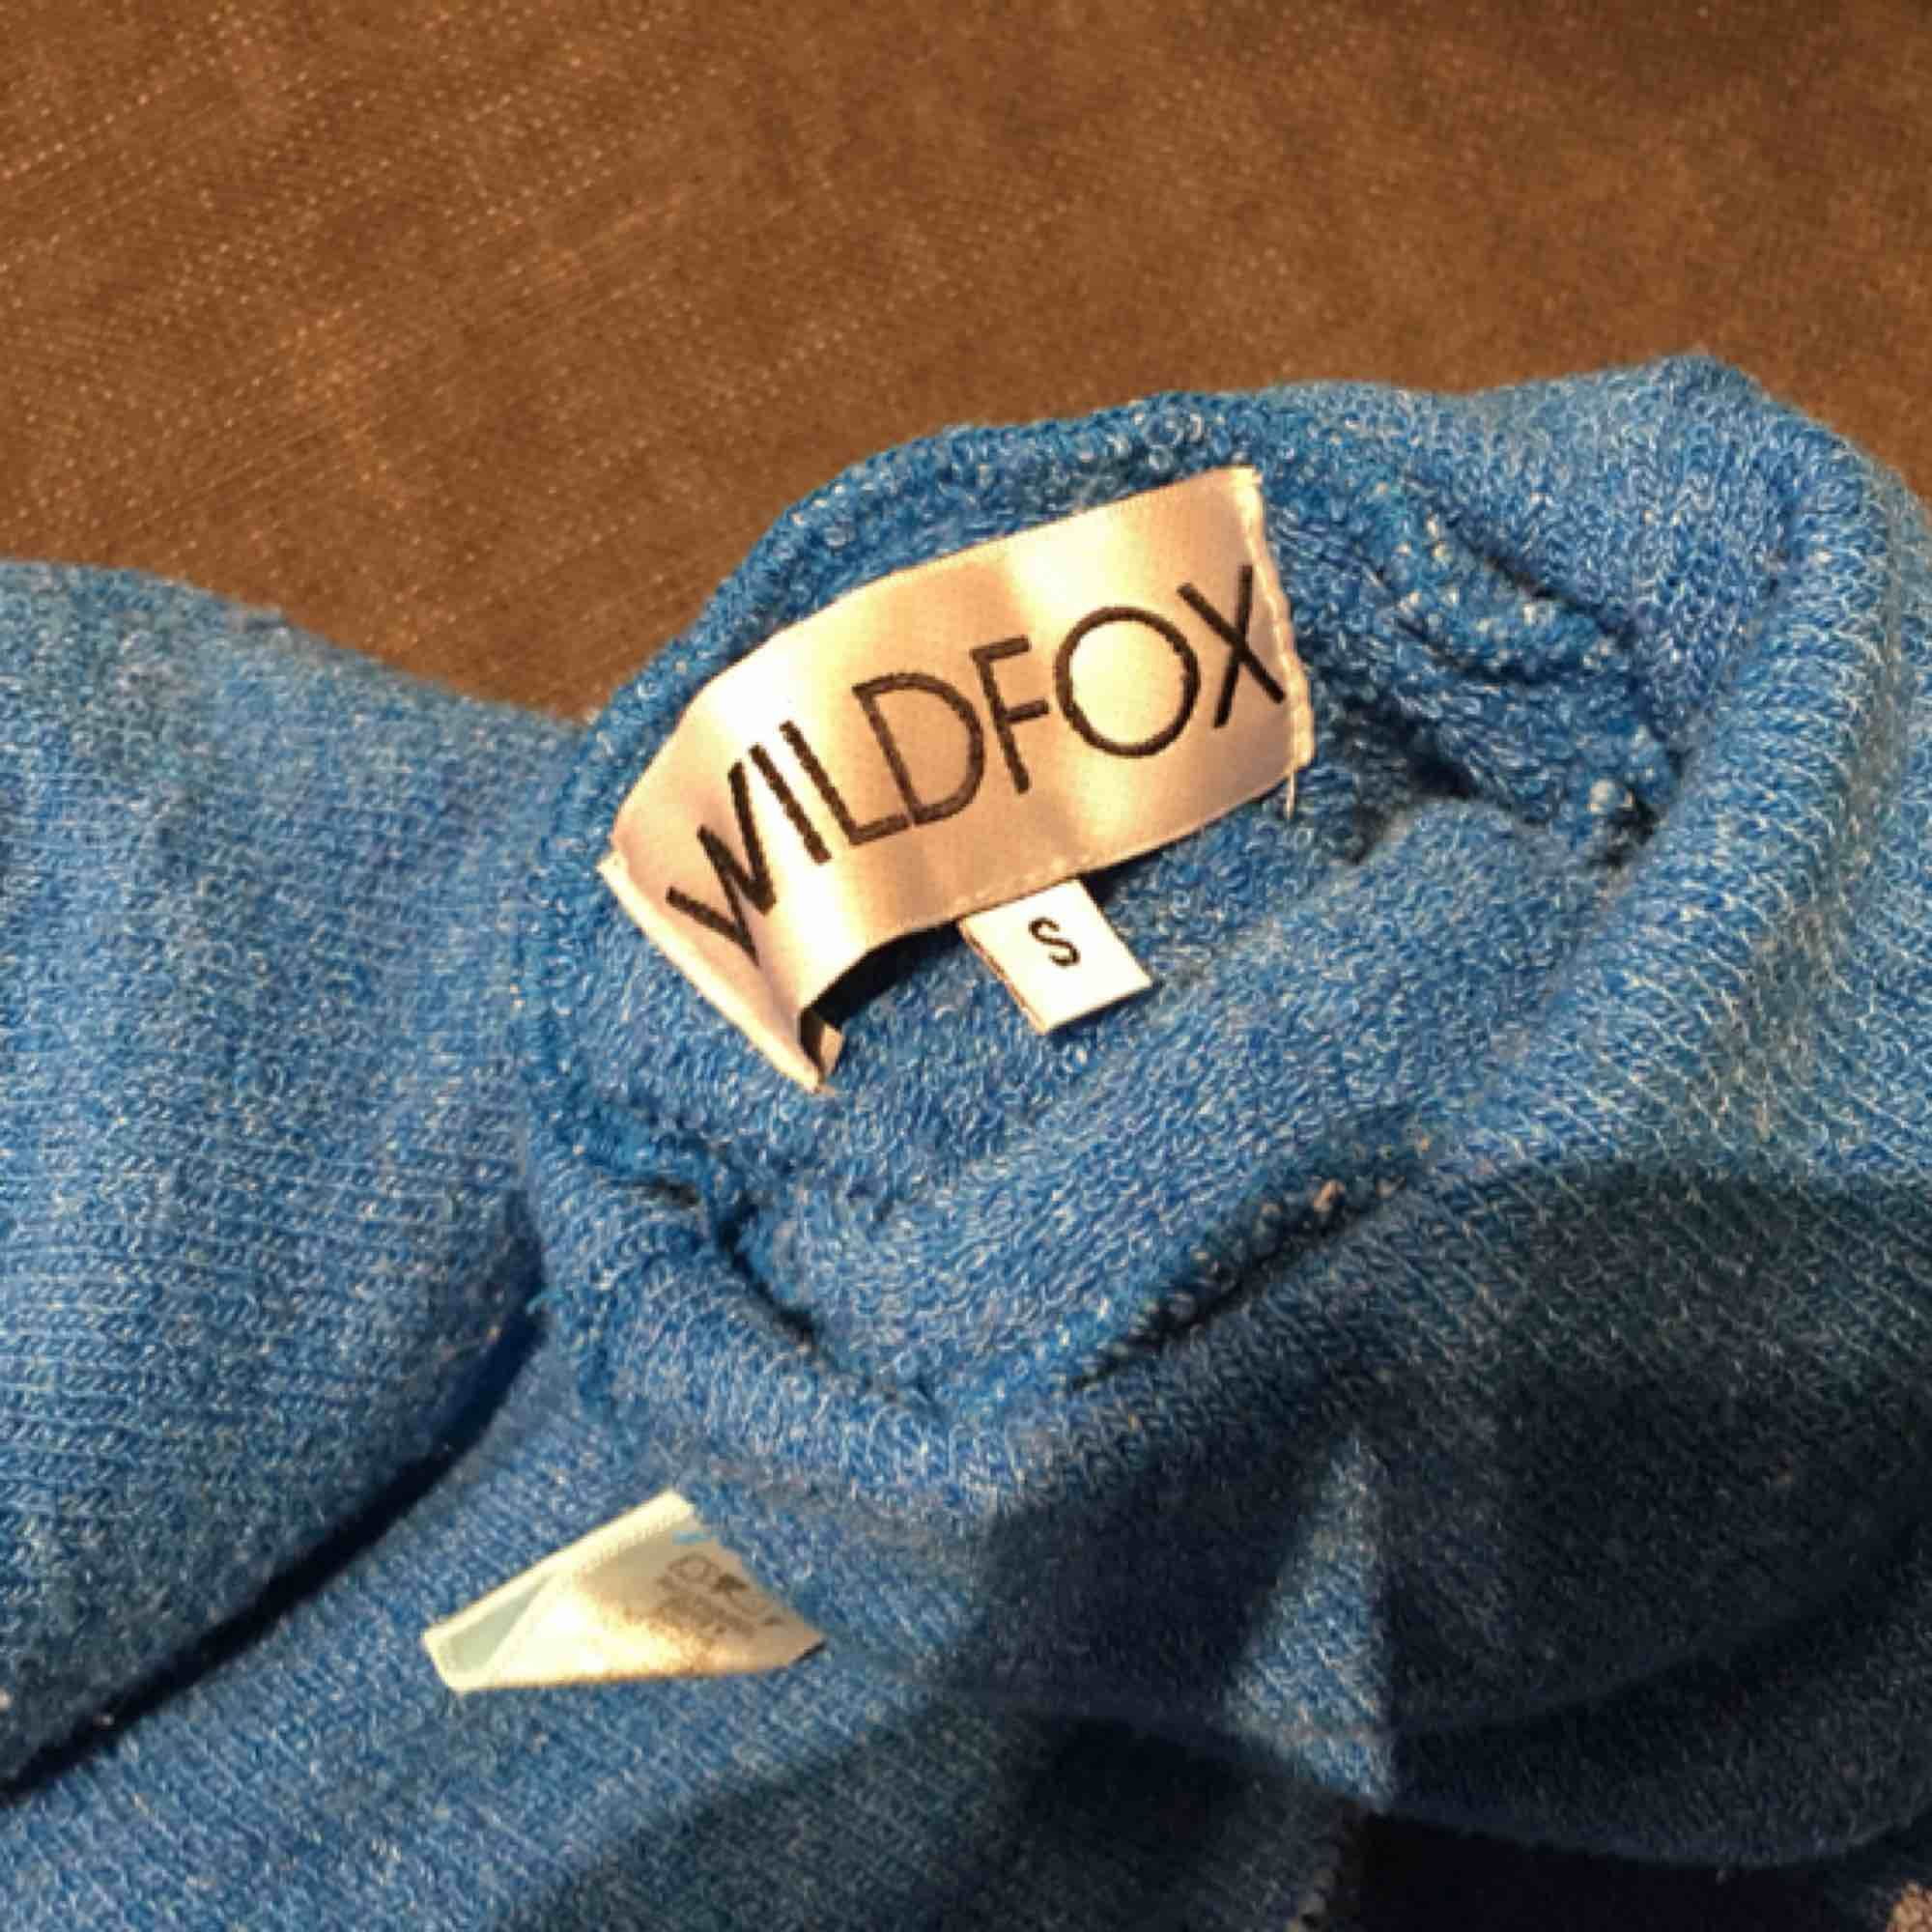 Varsity sockar från Wildfox couture. Övrigt.